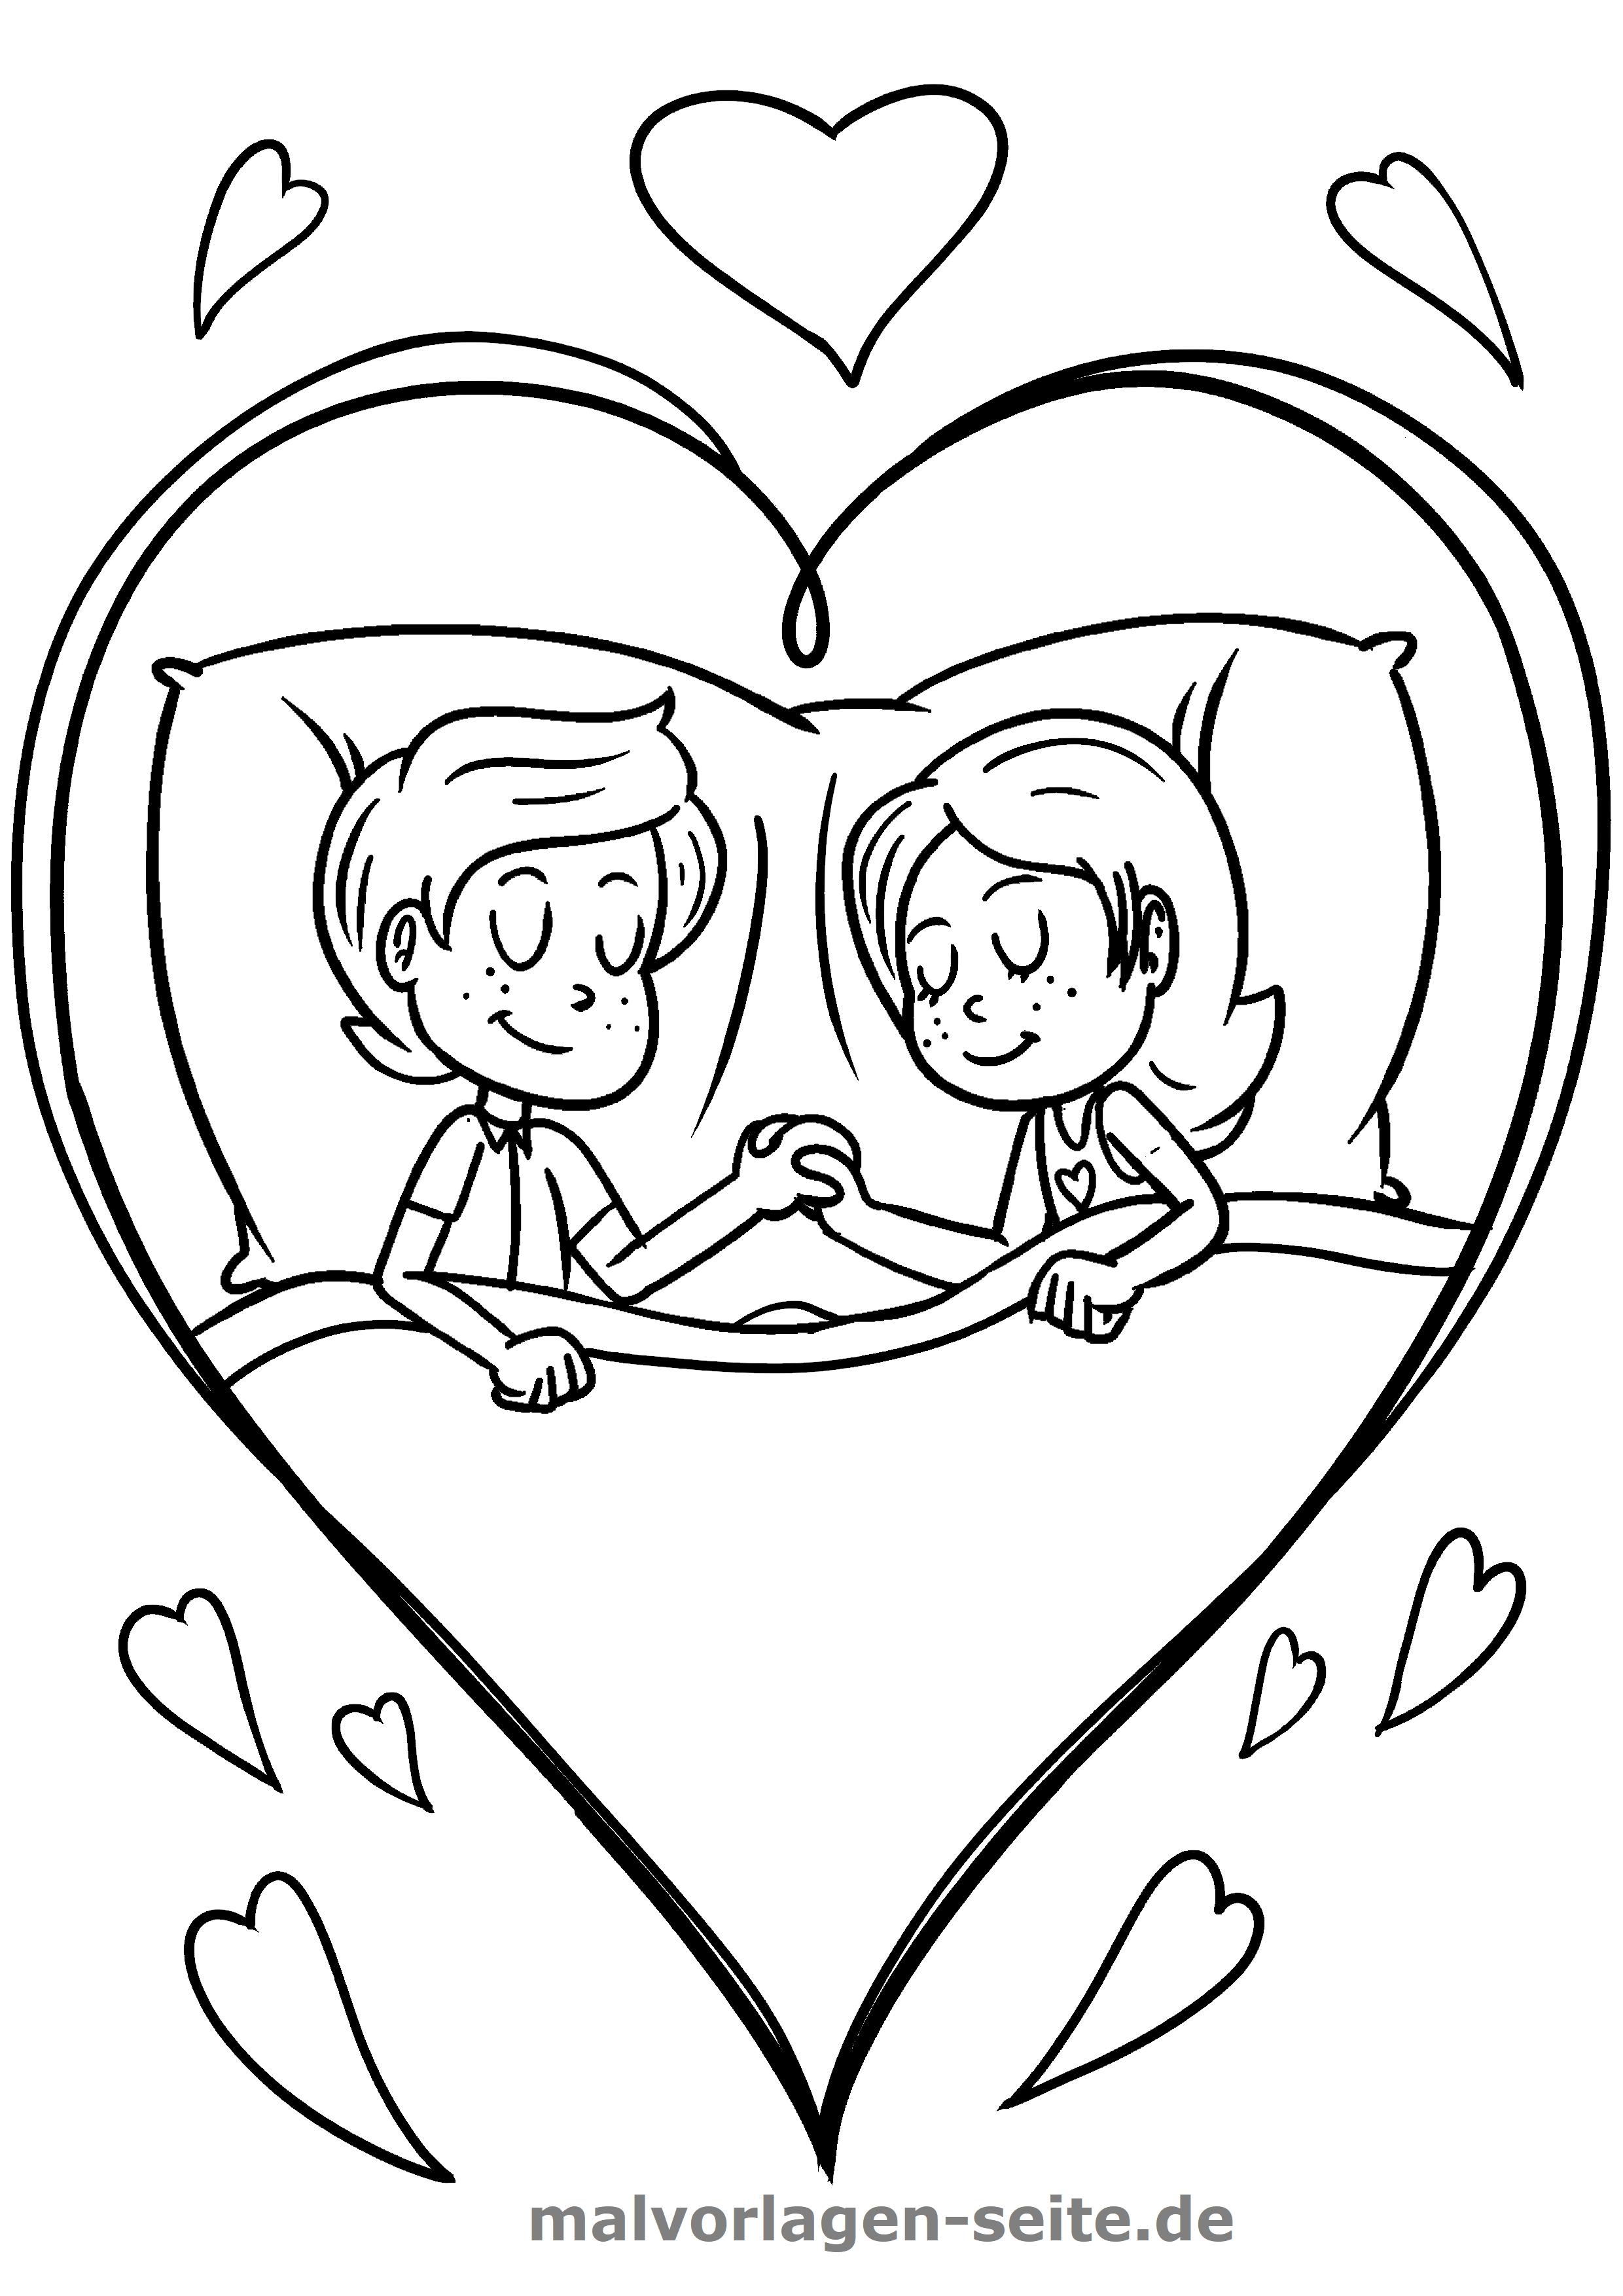 Malvorlage Ich liebe Dich | Gratis Malvorlagen zum Download